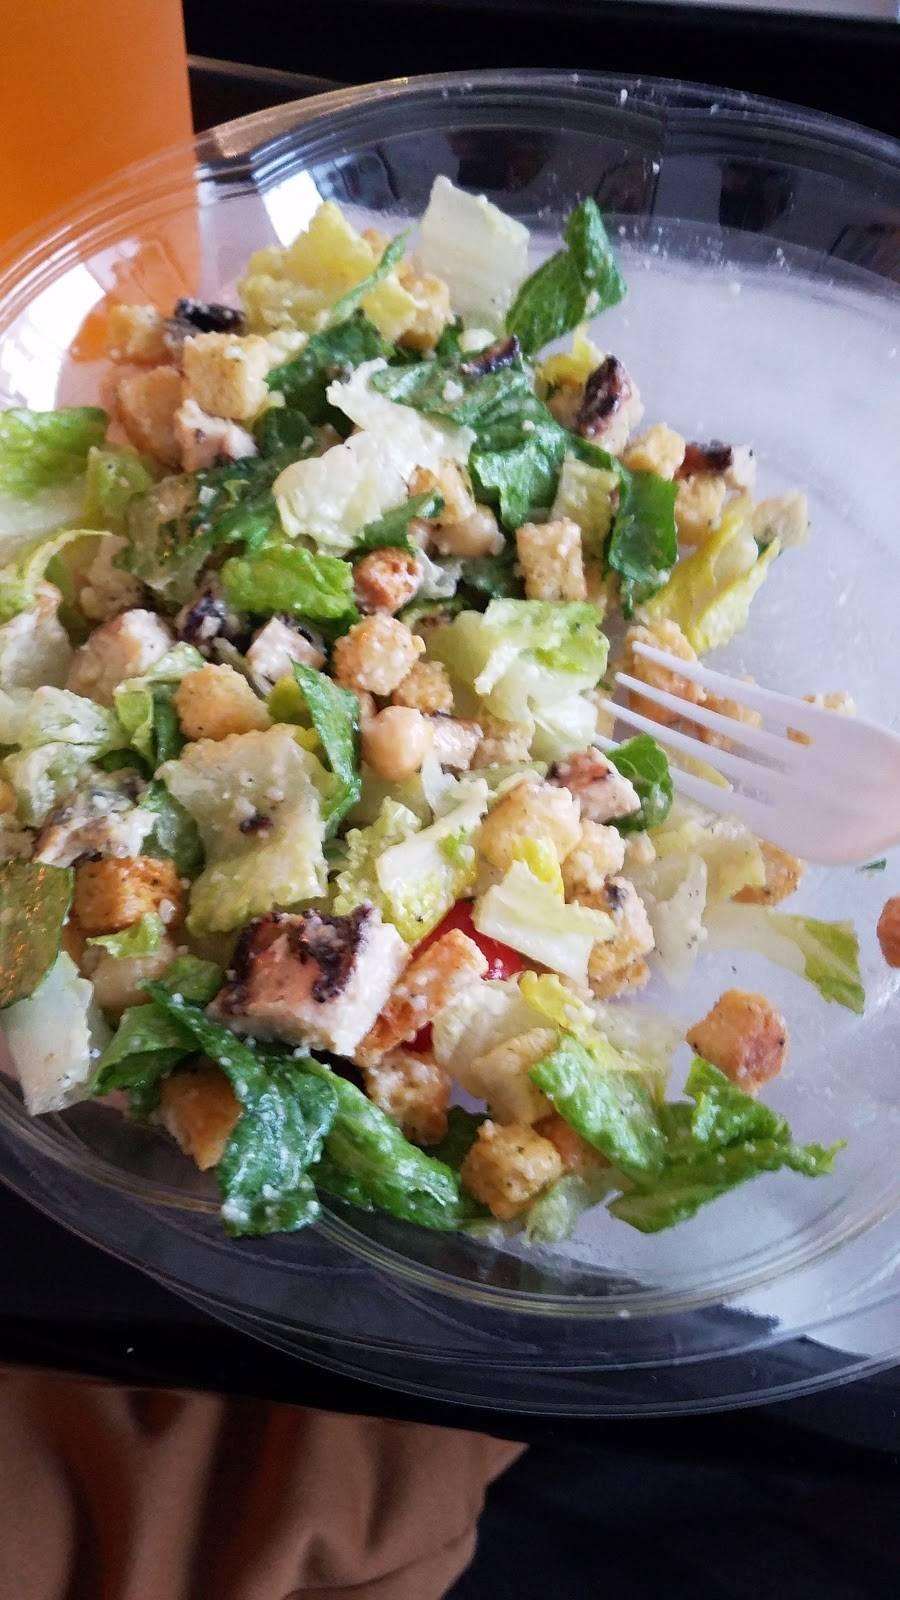 Salad Shack | restaurant | 154-5 Union Tpke, Flushing, NY 11367, USA | 7183802333 OR +1 718-380-2333